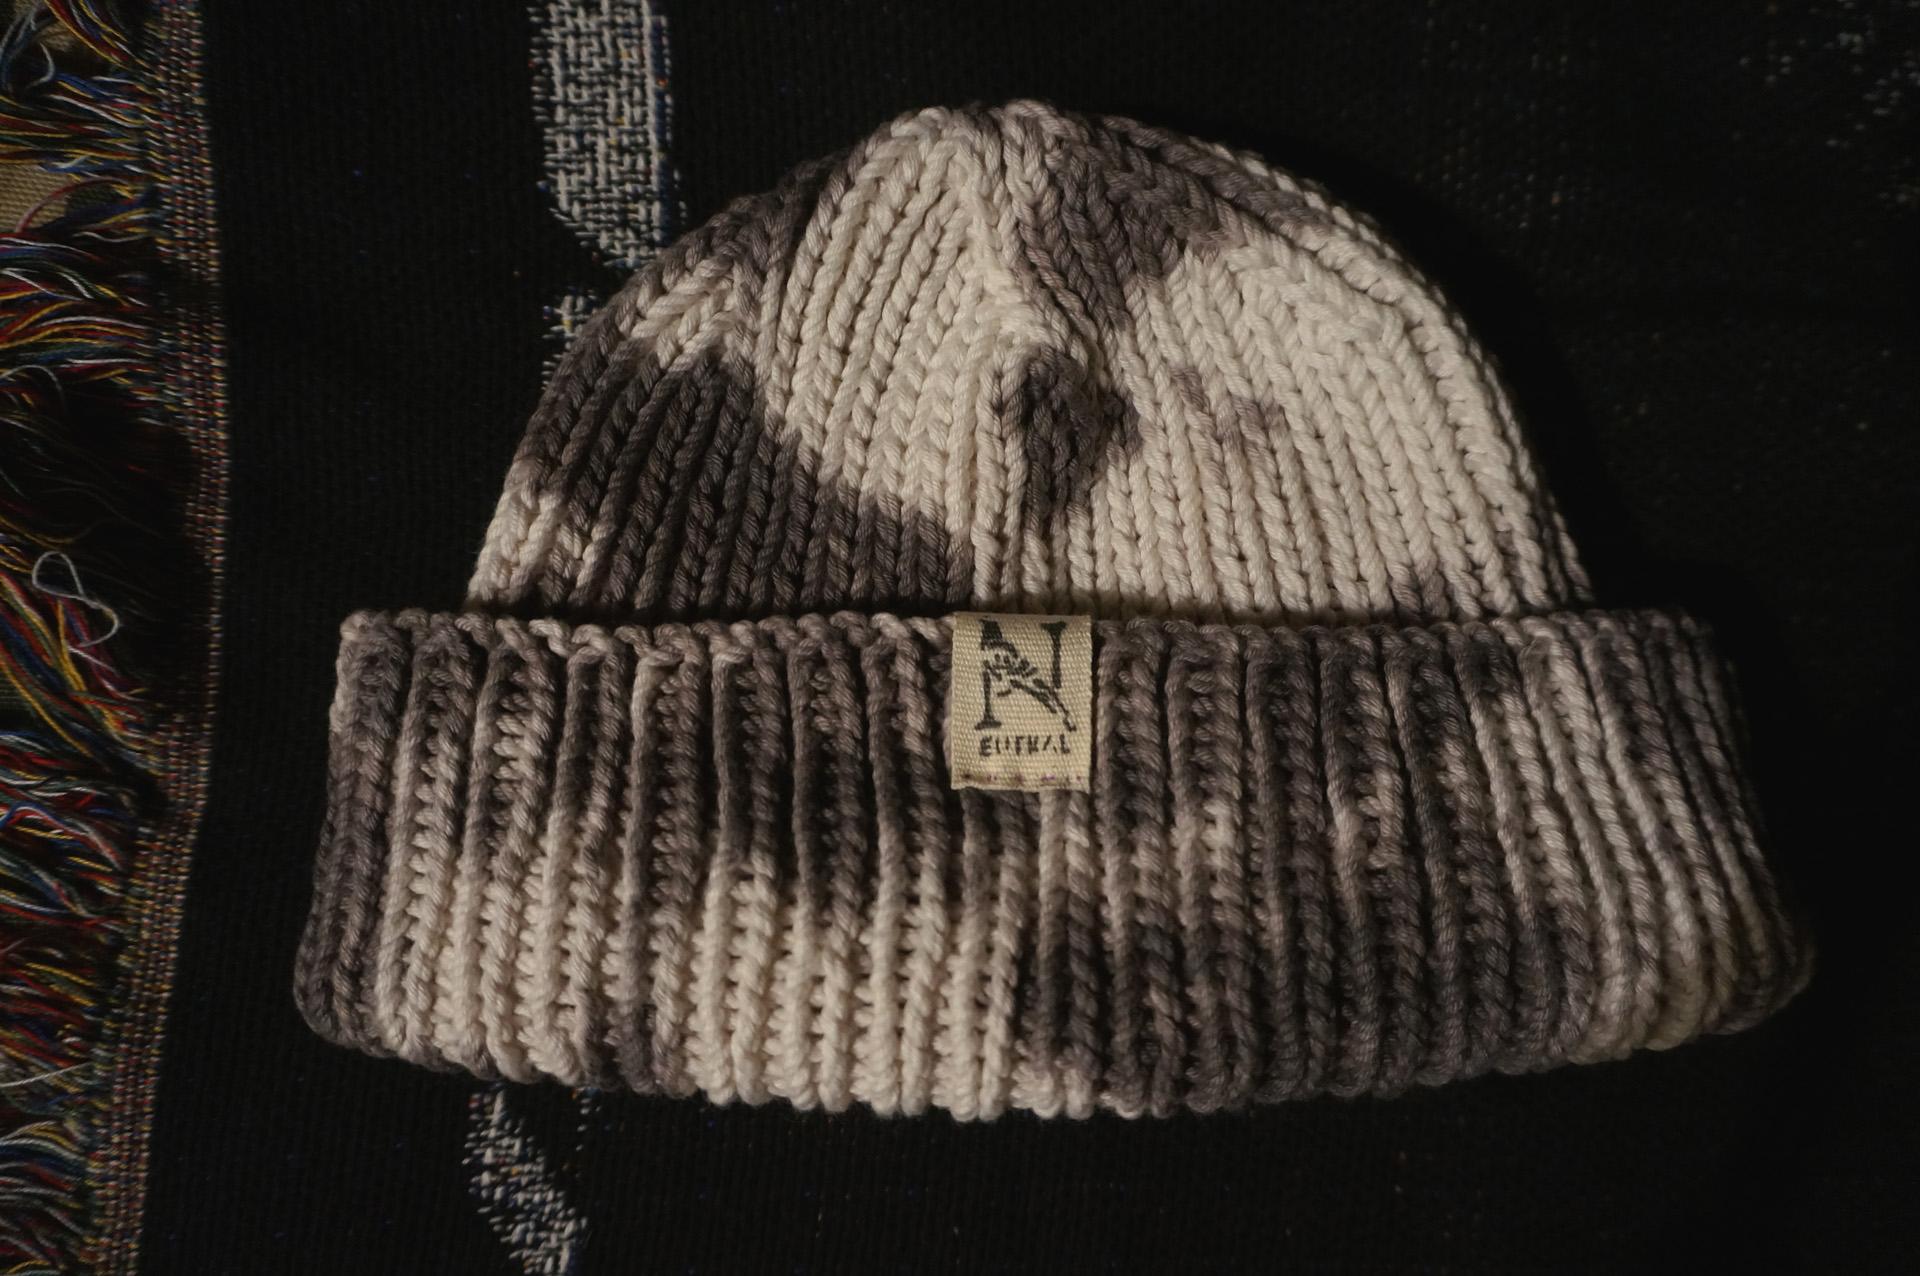 ニュートラル ニットキャップ タイダイ neutral knitcap tiedye